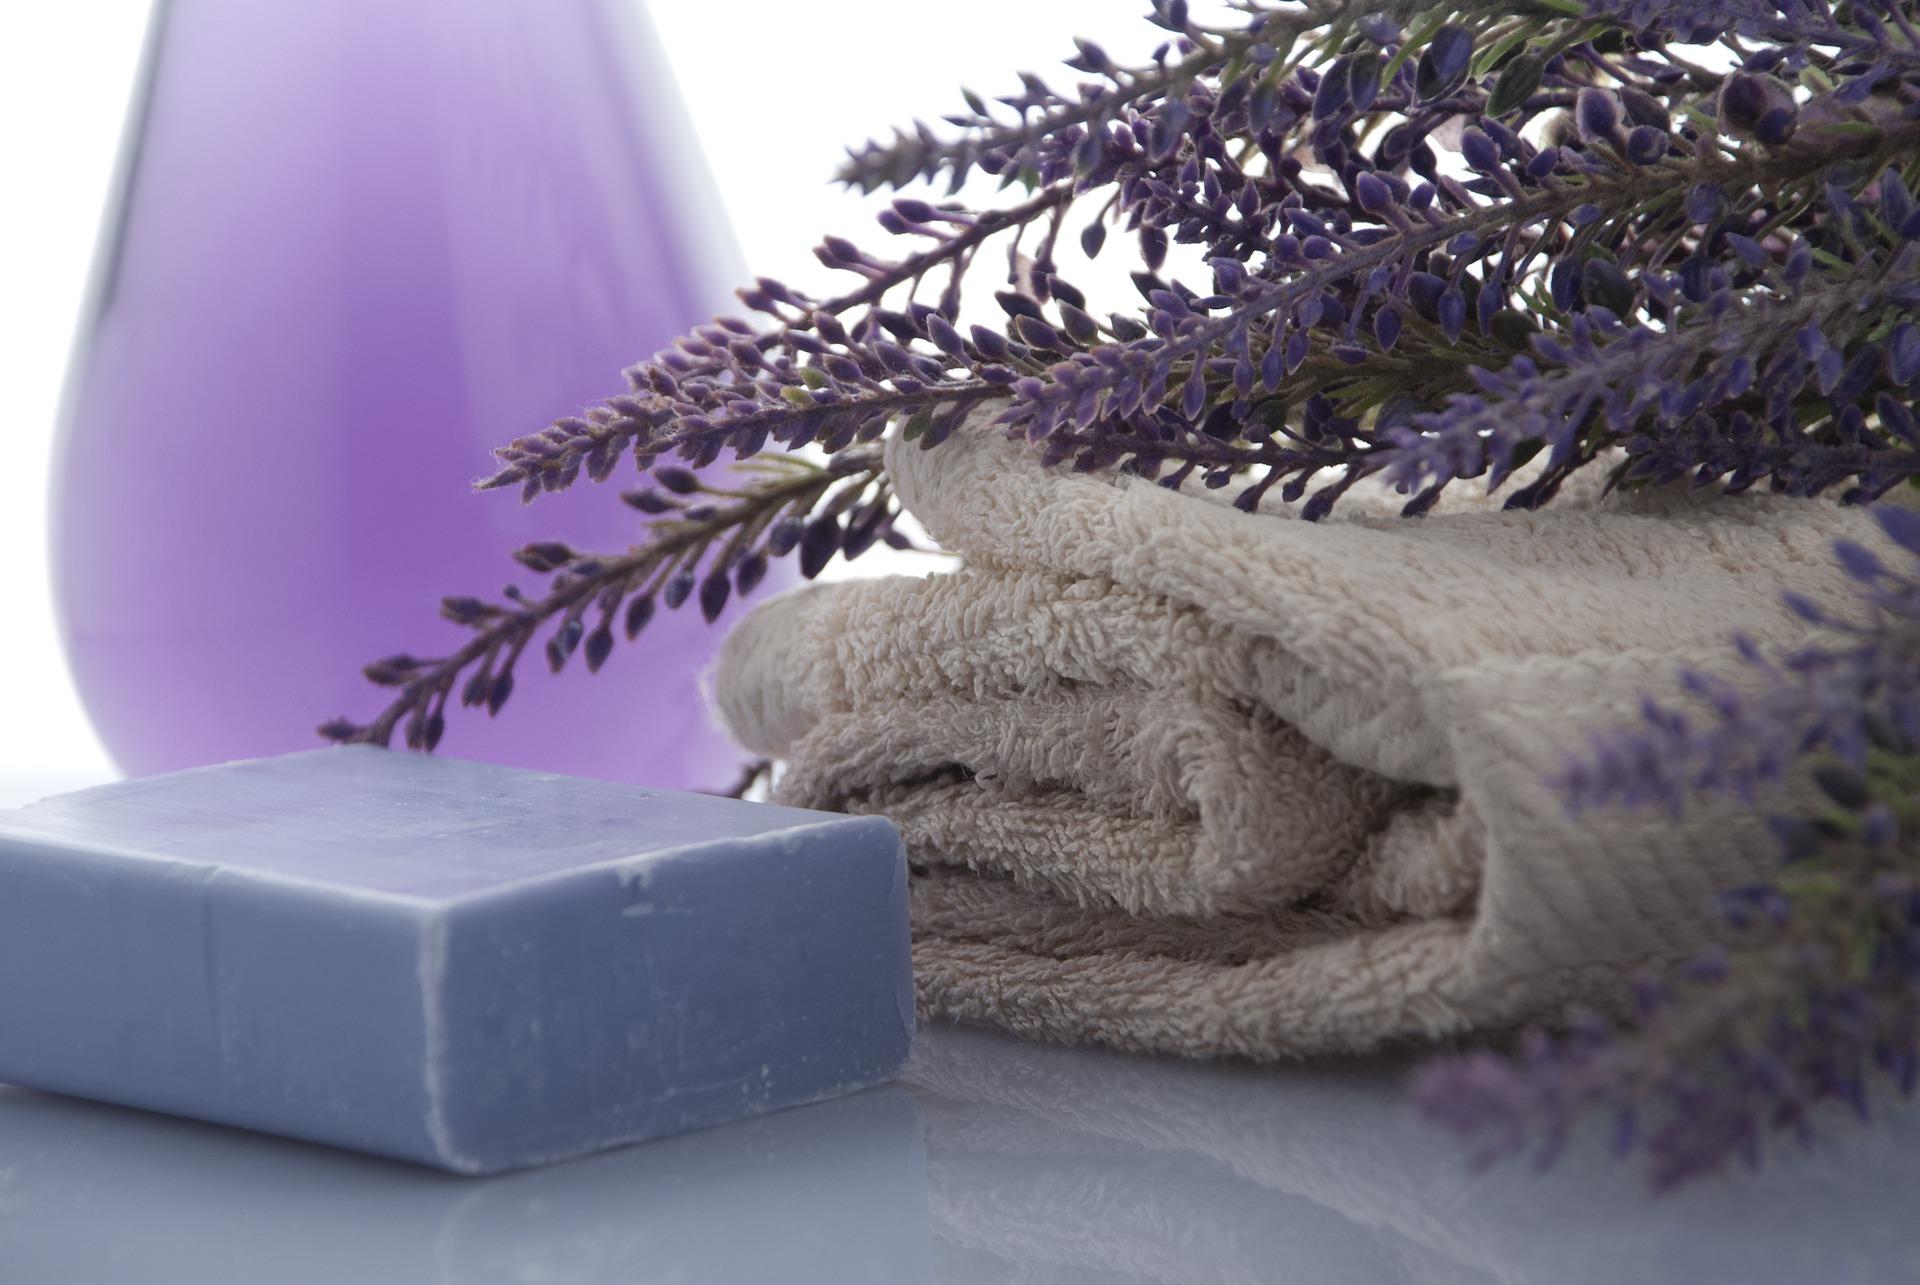 Schöne Seife selber gießen auf ratgeber-blogger.de